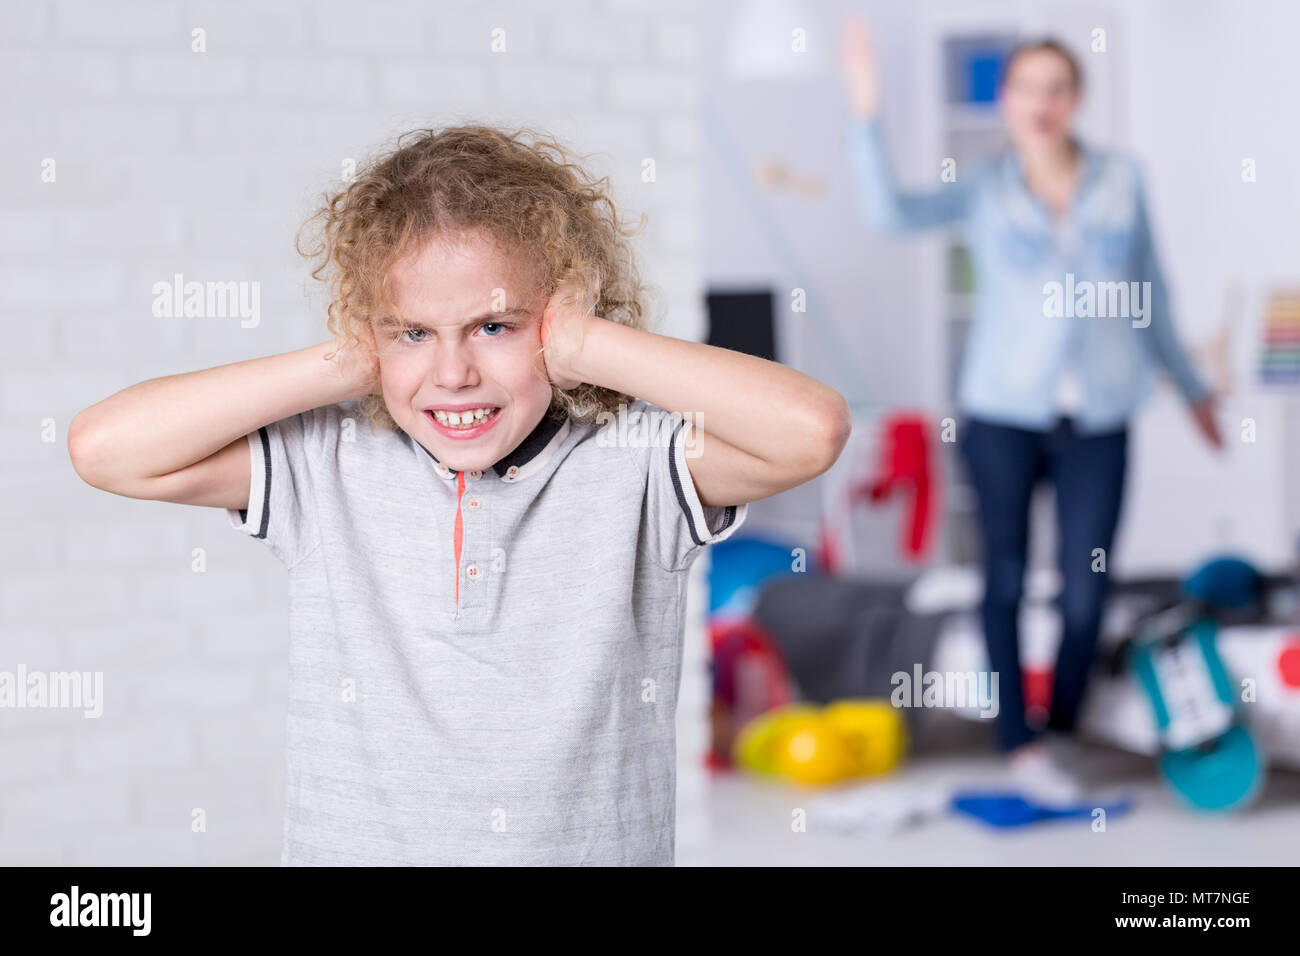 Per malfunzionamenti di bambino che copre le sue orecchie, madre gridando in background Immagini Stock